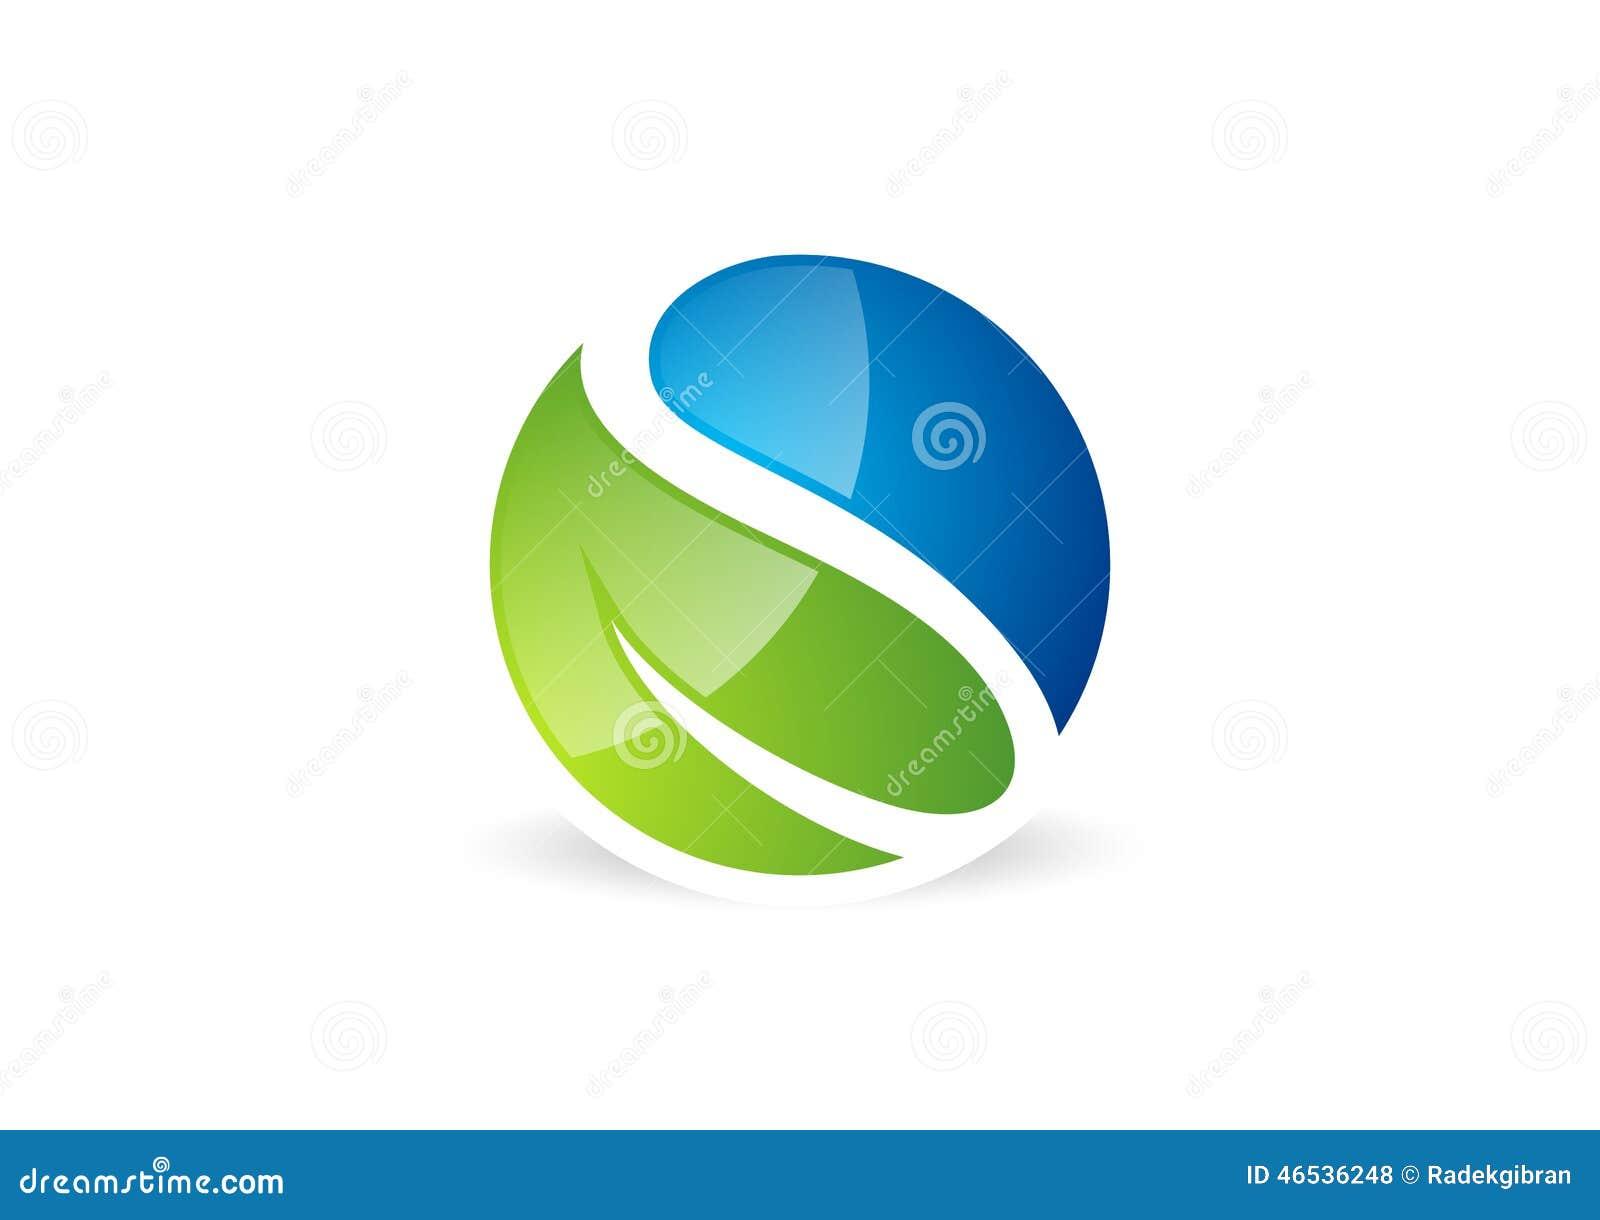 Blad, waterdrop, embleem, cirkel, installatie, de lente, het symbool van het aardlandschap, mondiaal karakter, brievens pictogram